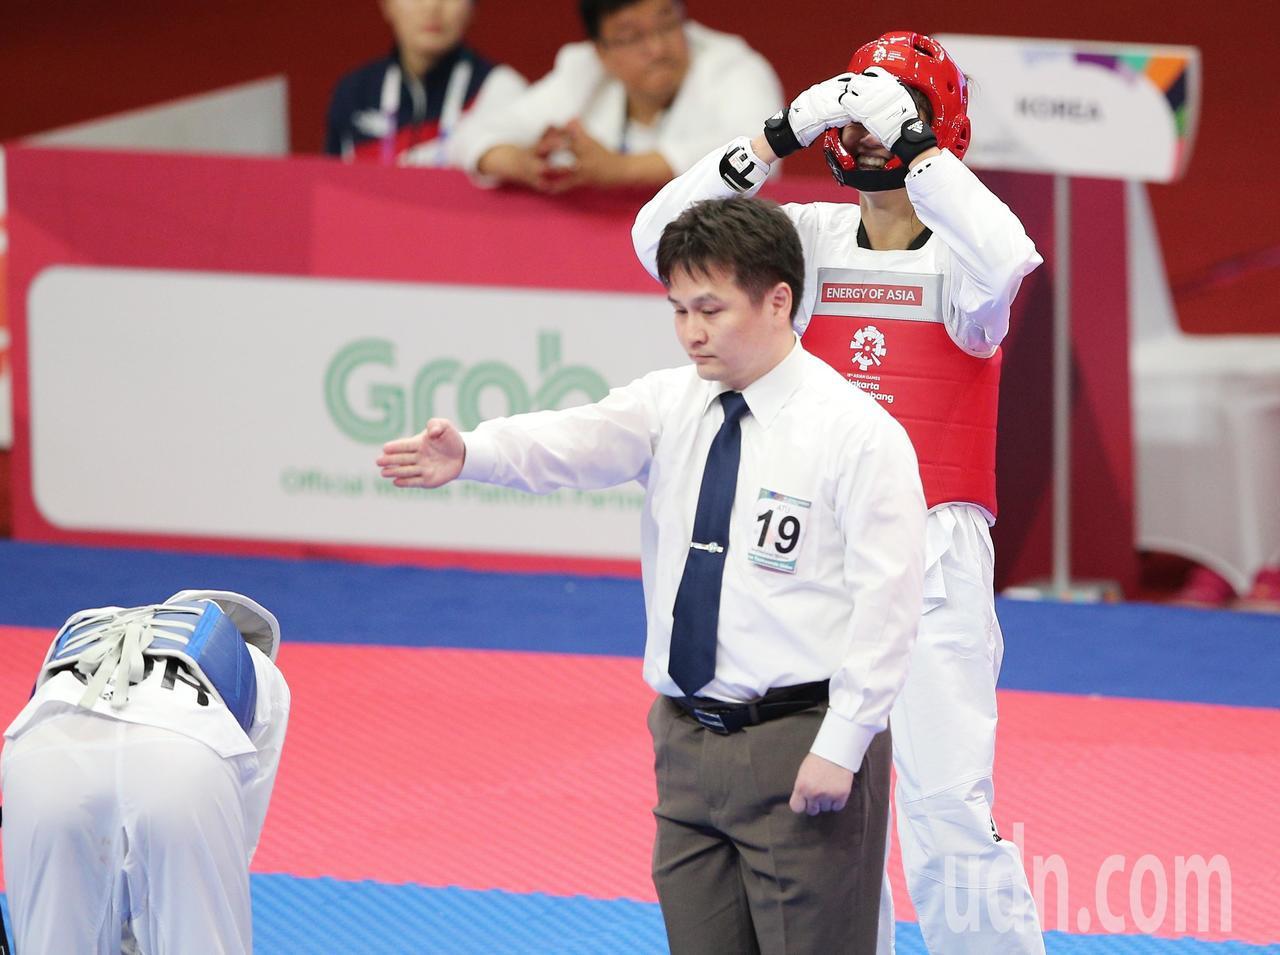 中華蘇柏亞(右)跆拳道53公斤級奪金,感動落淚。特派記者陳正興/雅加達攝影